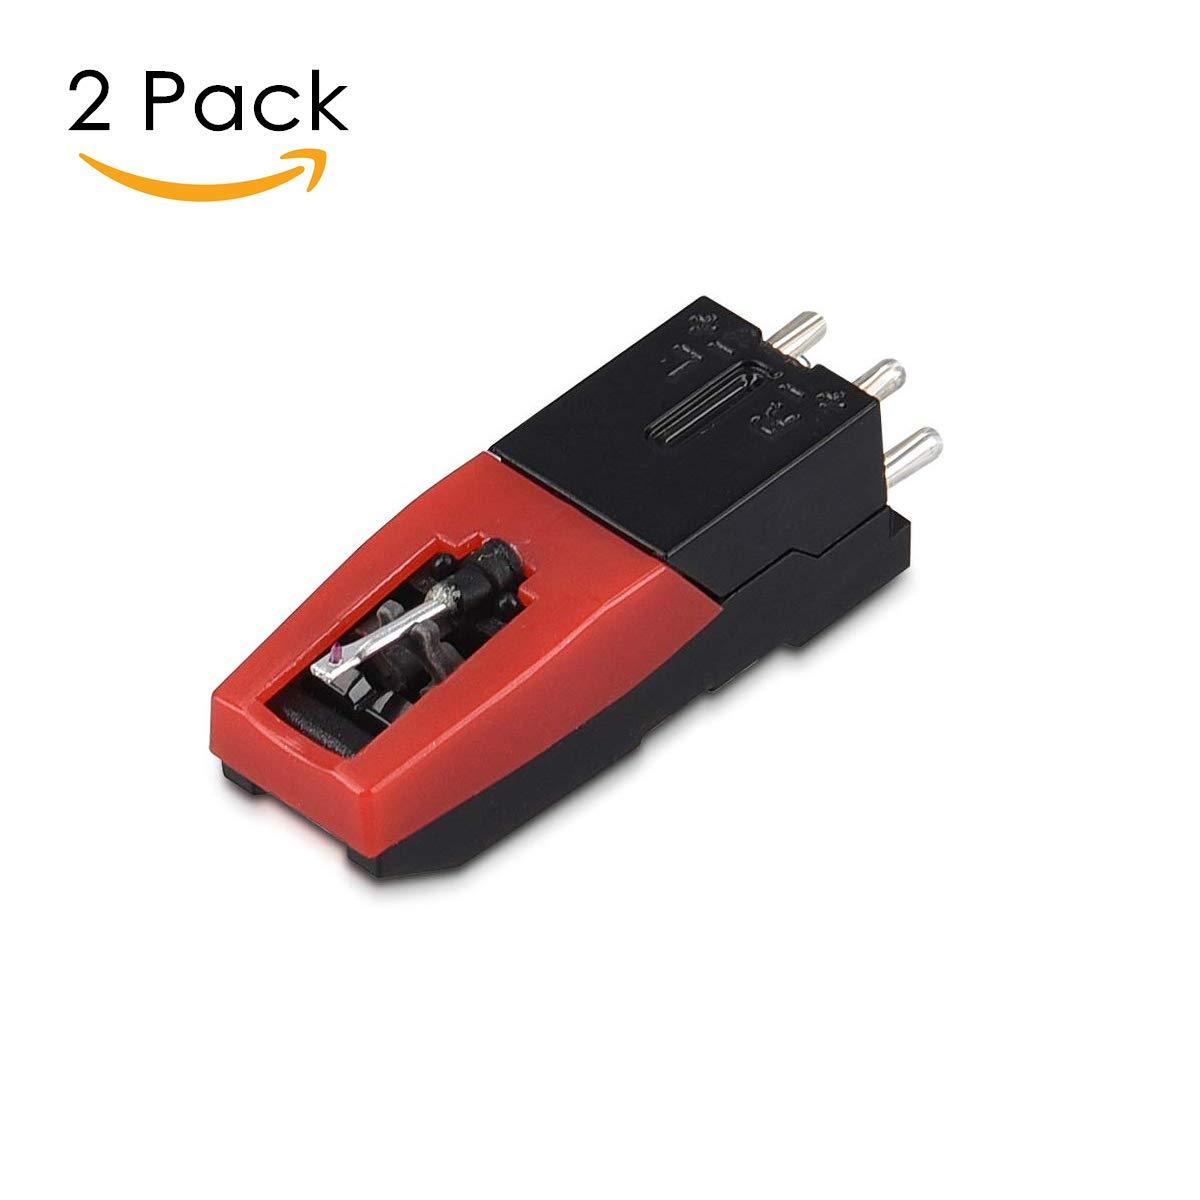 Amzdeal Giradischi stile vintage il supporto per la connessione Bluetooth Giradischi lettore portatile in vinile a 3 velocit/à con 2 altoparlanti venatura del legno con RCA e cricci di cuffie